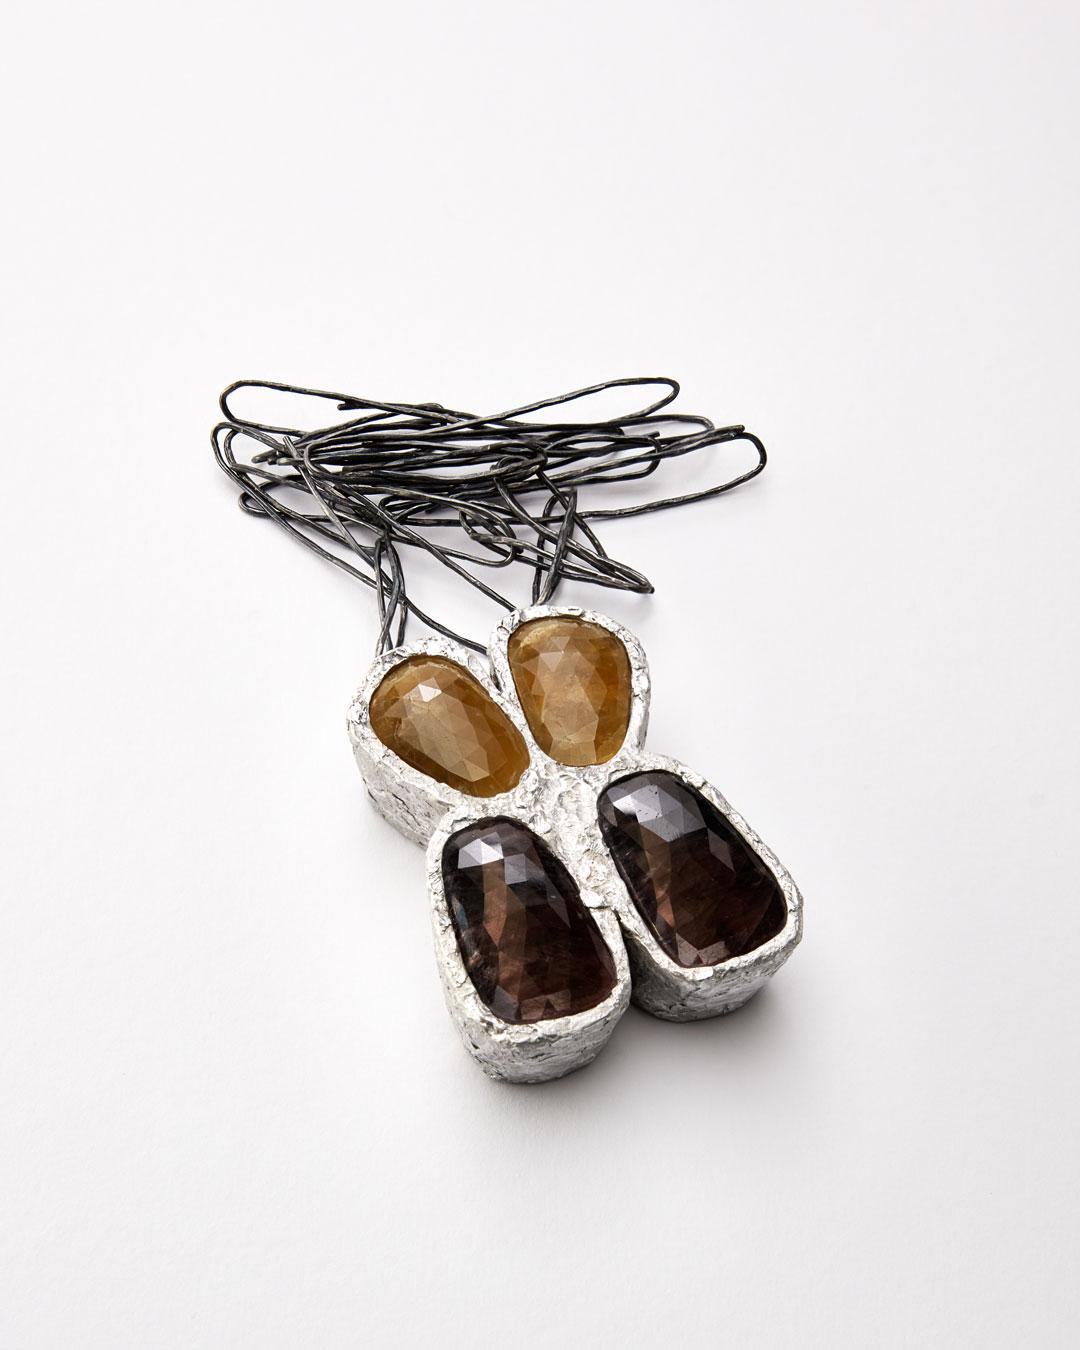 Iris Bodemer, Ordnung 1 (Array 1), 2019, pendant; aluminium, sapphire, silver, 90 x 65 x 25 mm, €4250